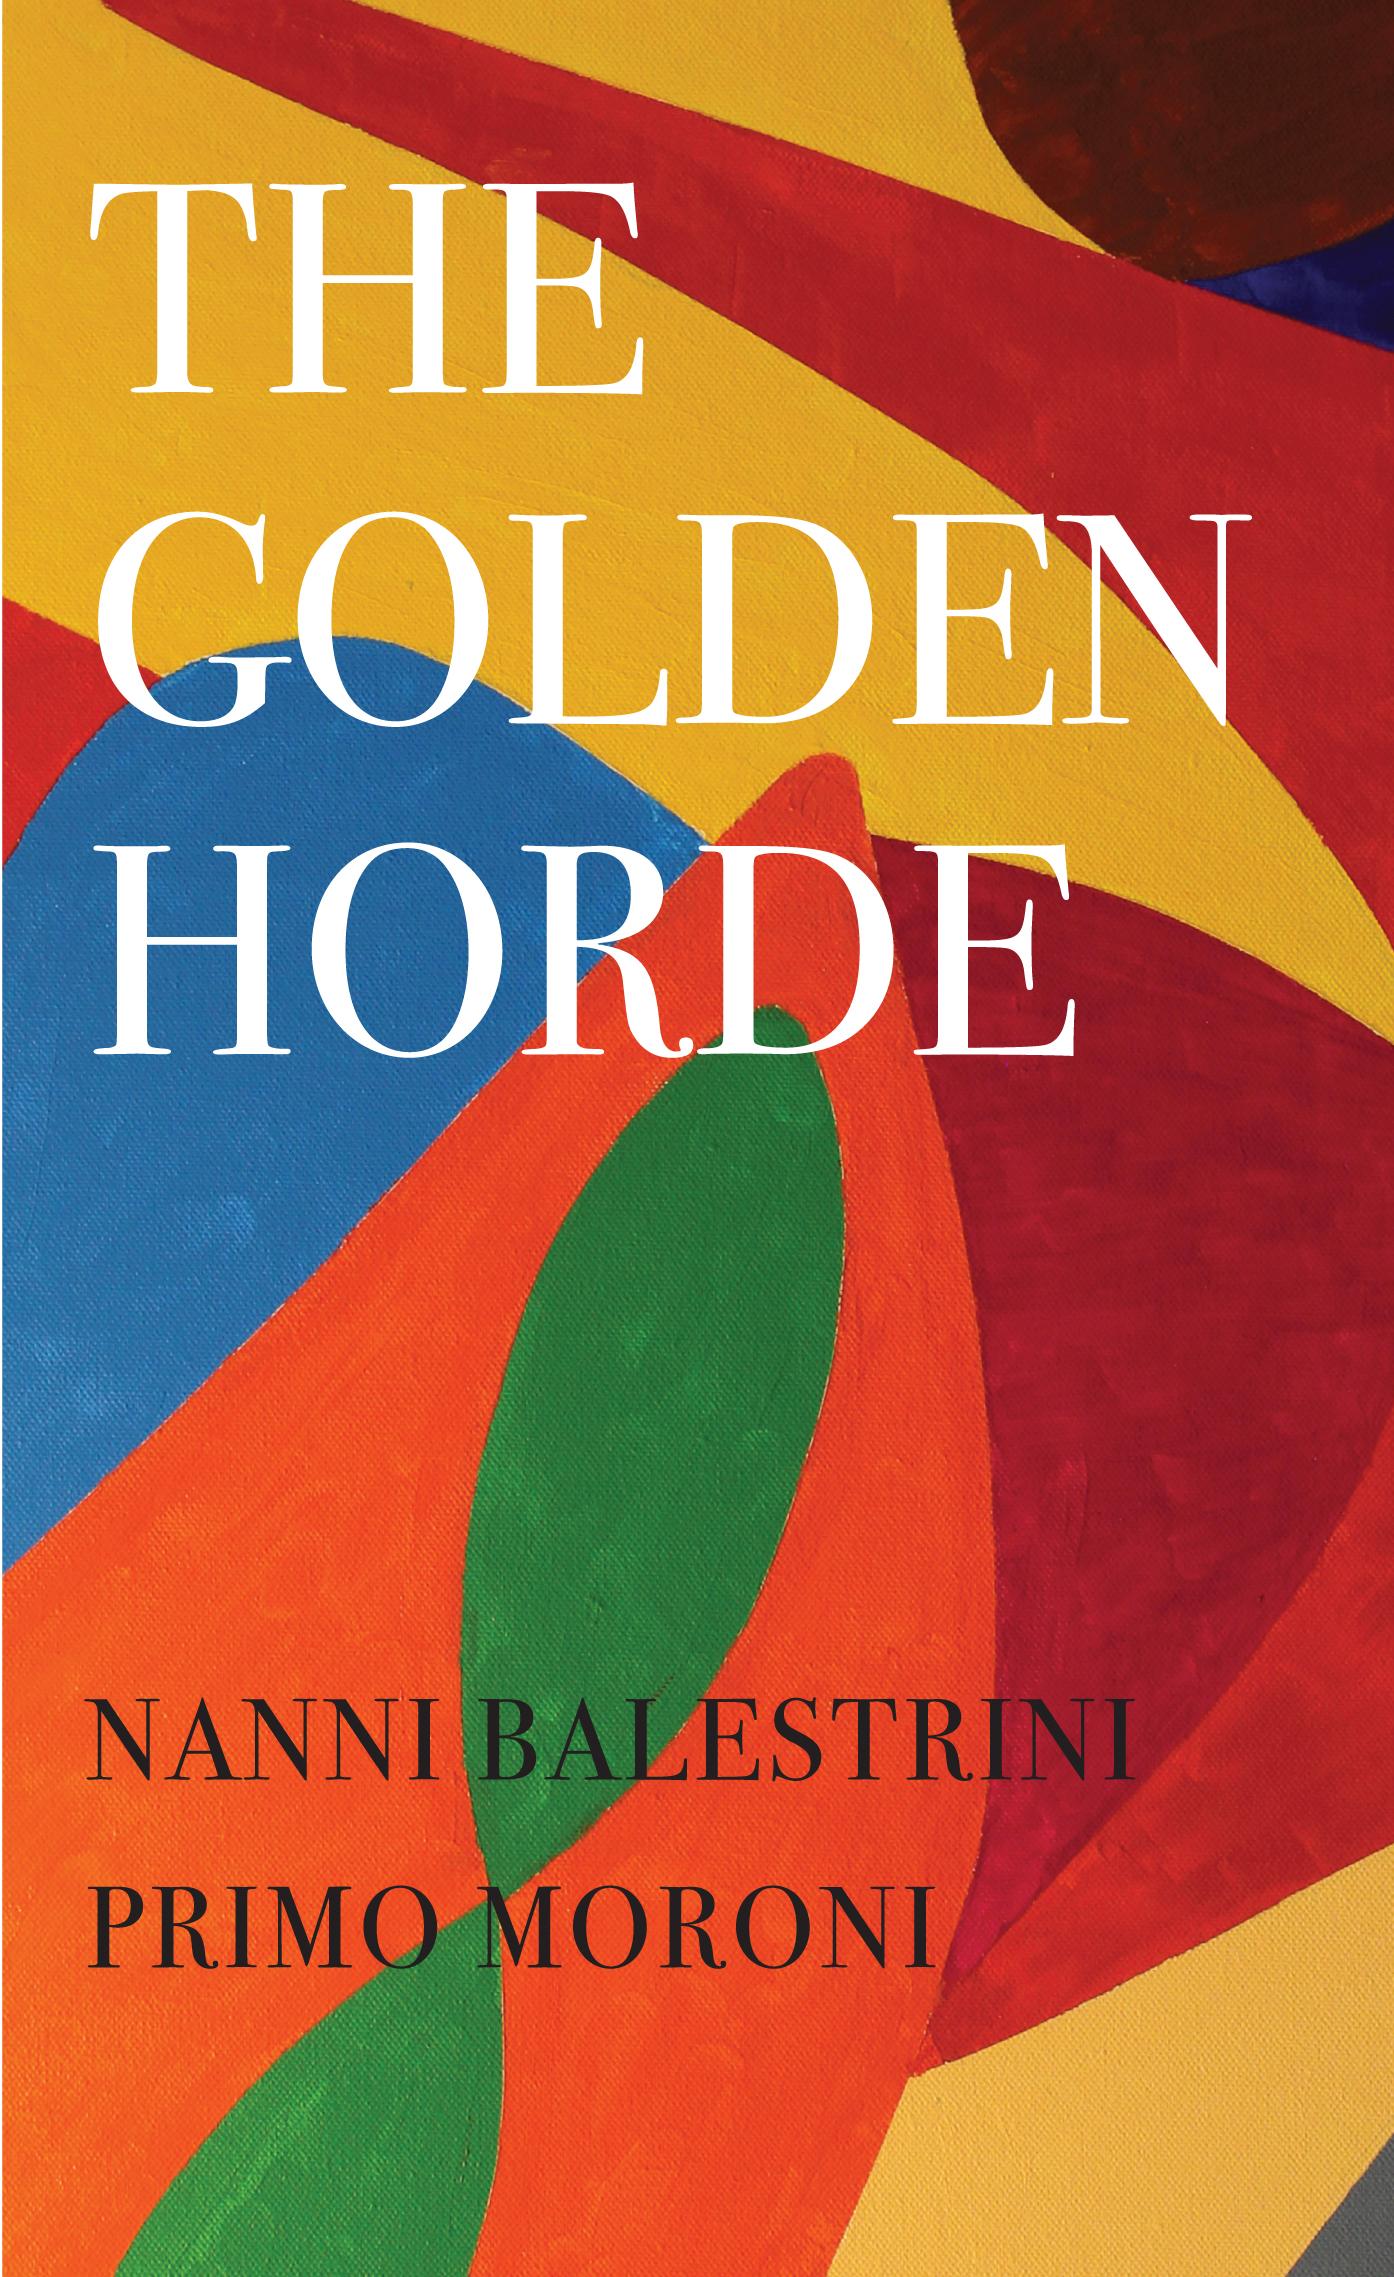 The Golden Horde |  Seagull Books